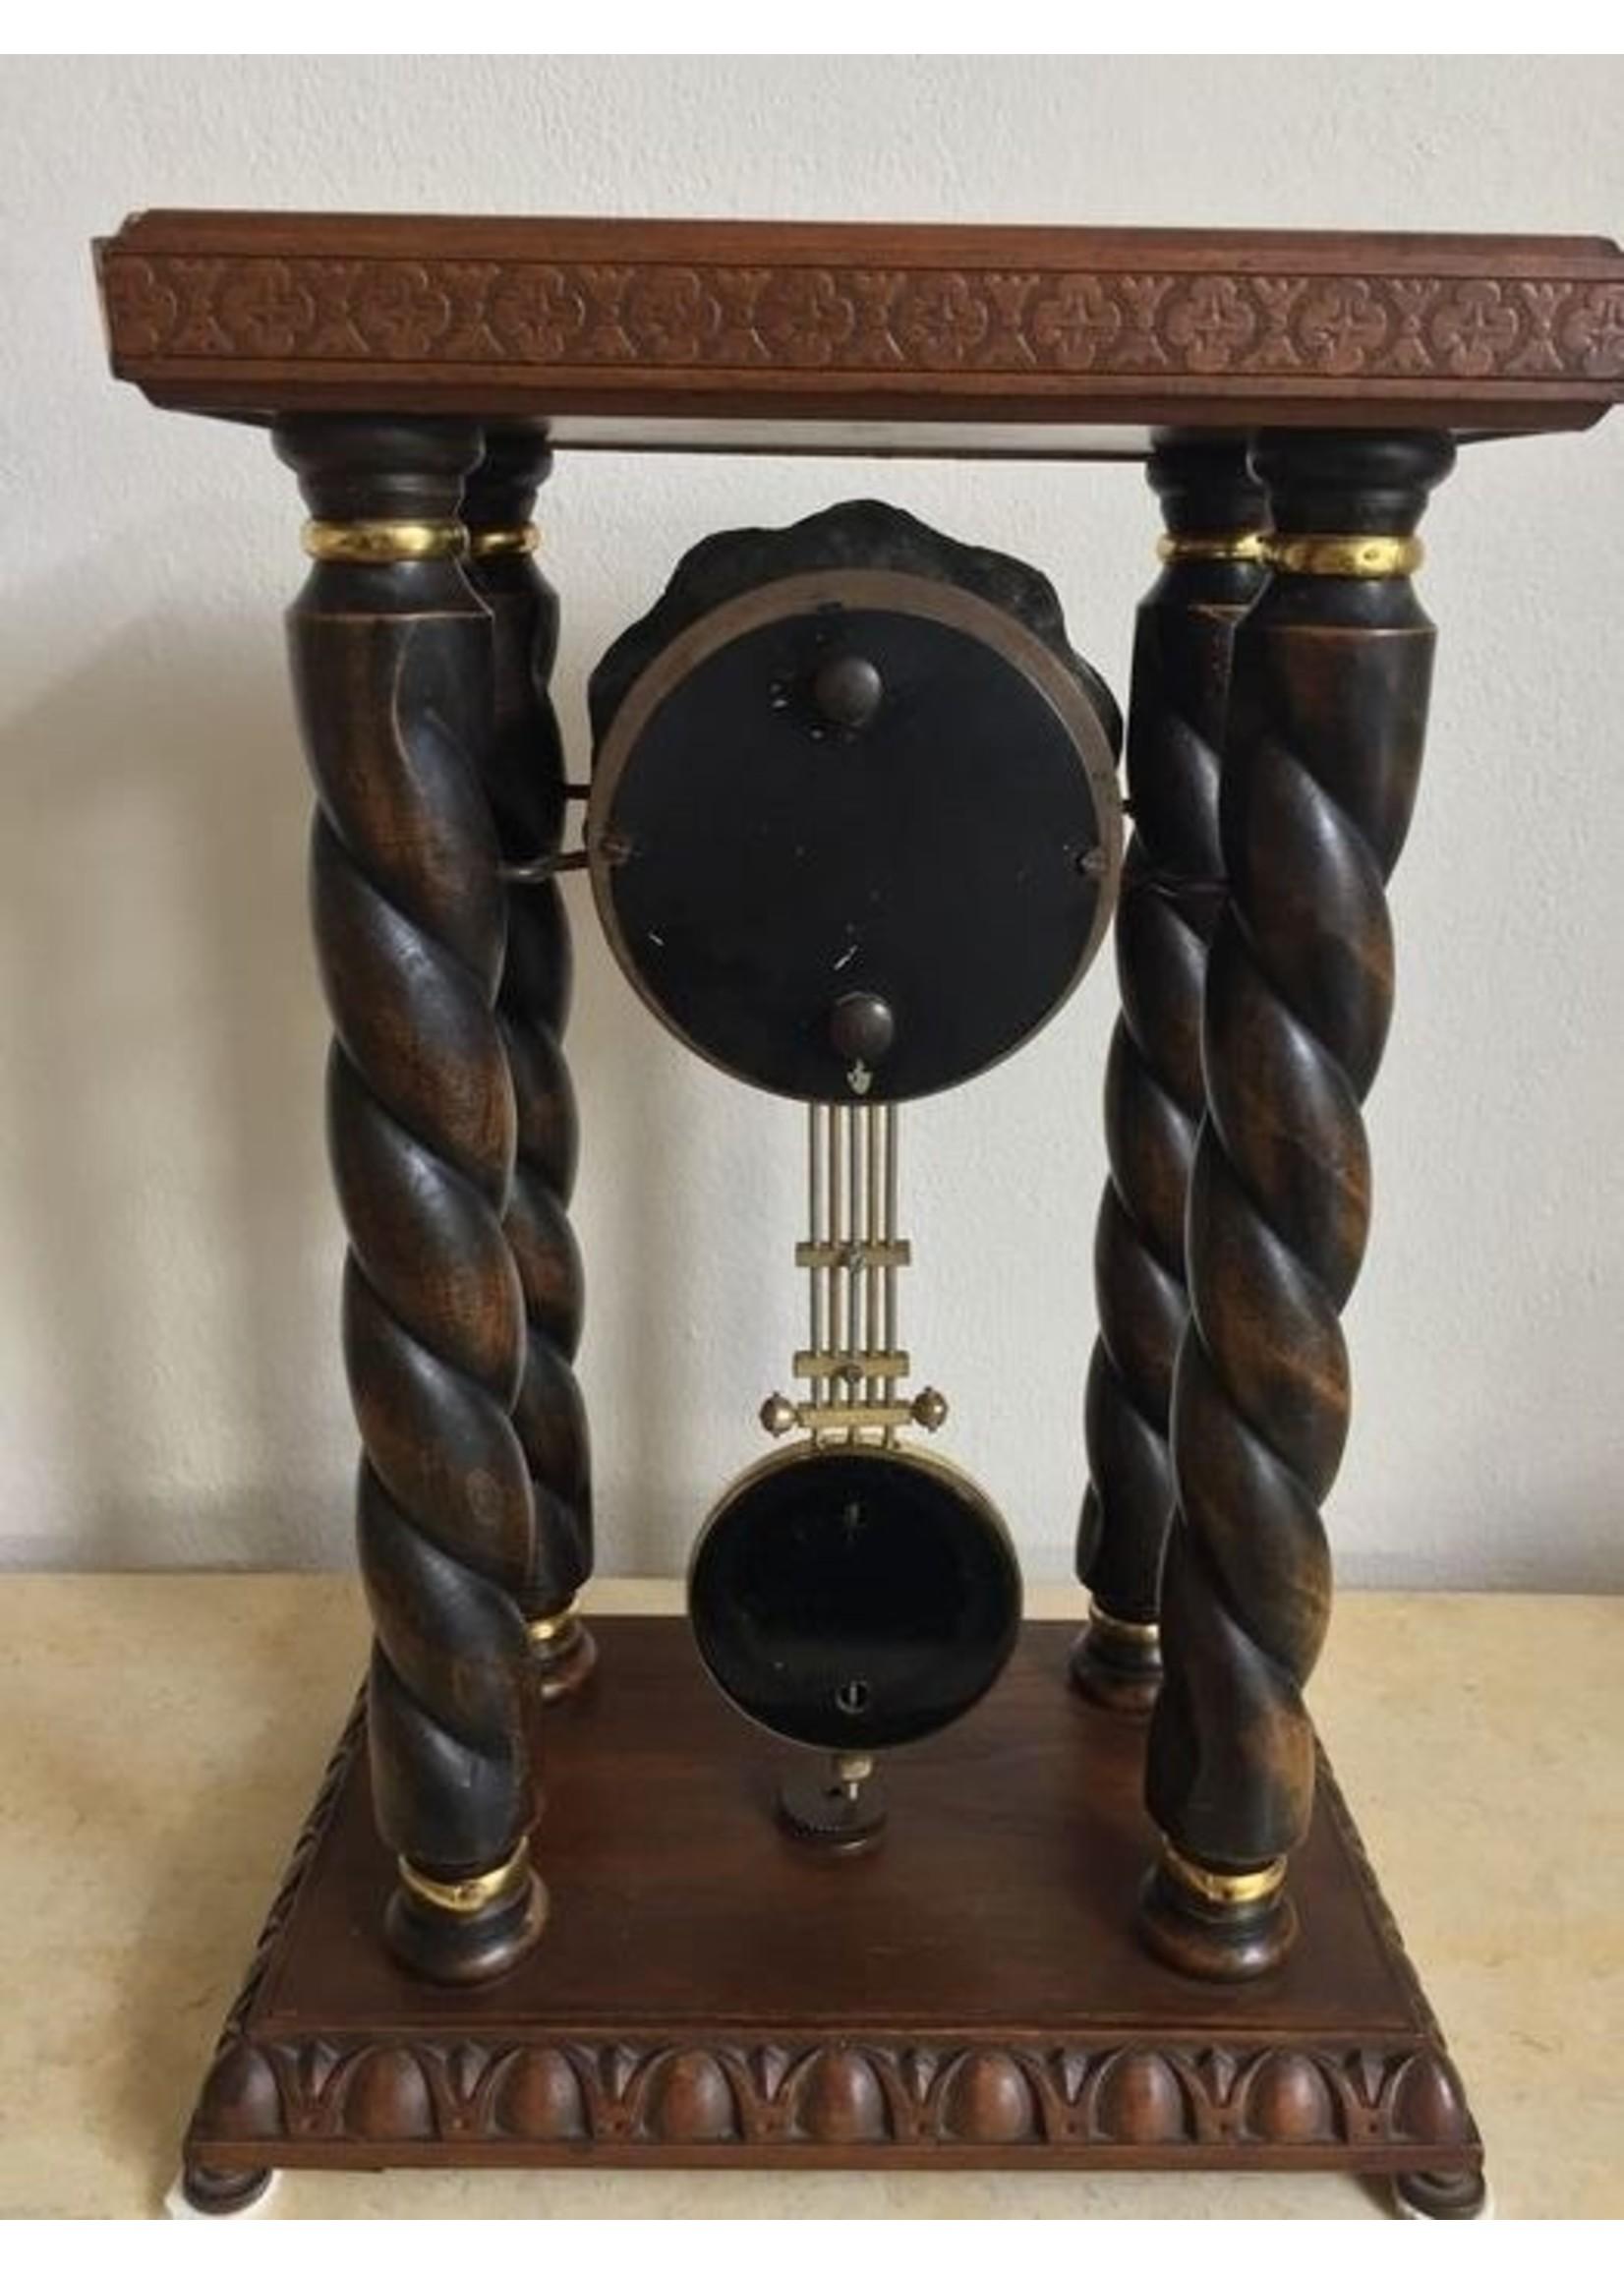 NiceTime Franse Kolom Pendule 1855 Japy Freres